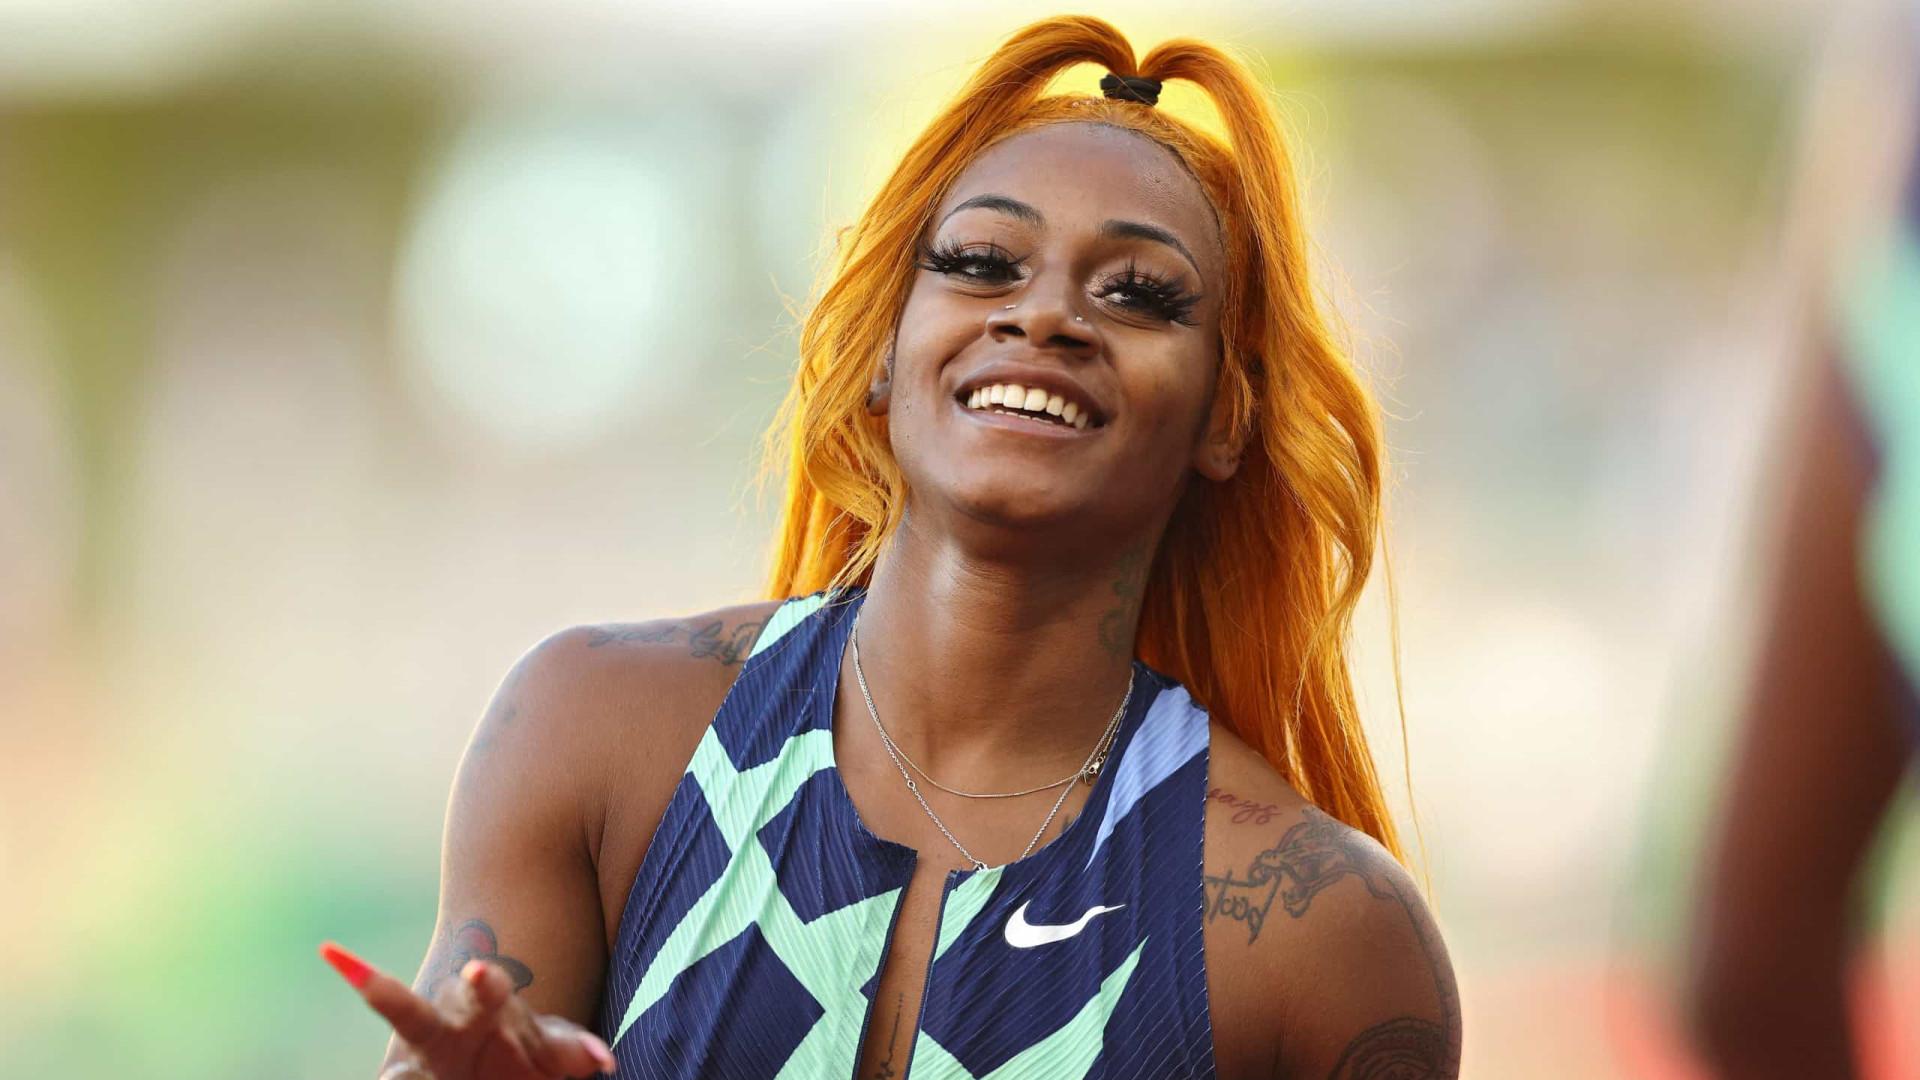 Favorita nos 100m, americana testa positivo para maconha e pode não ir a Tóquio